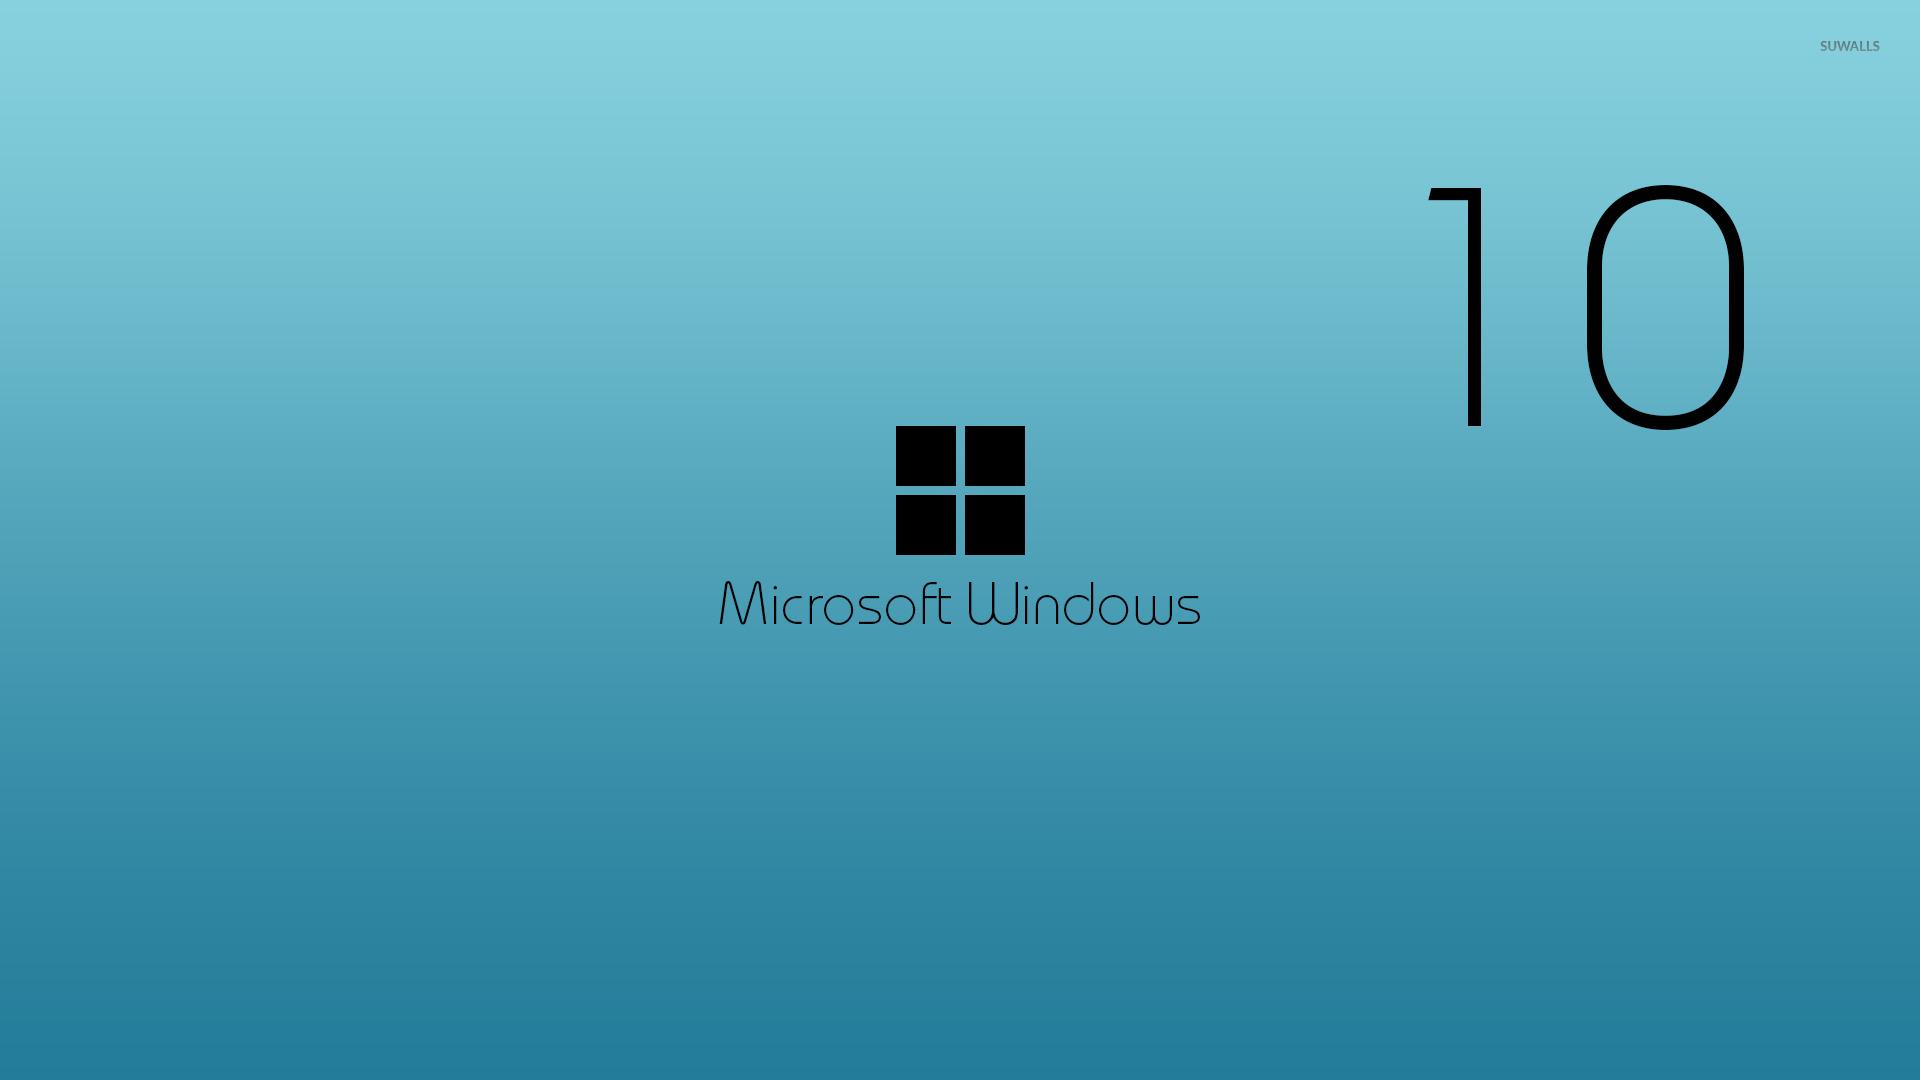 Black Windows 10 wallpaper 1680x1050 1680x1050